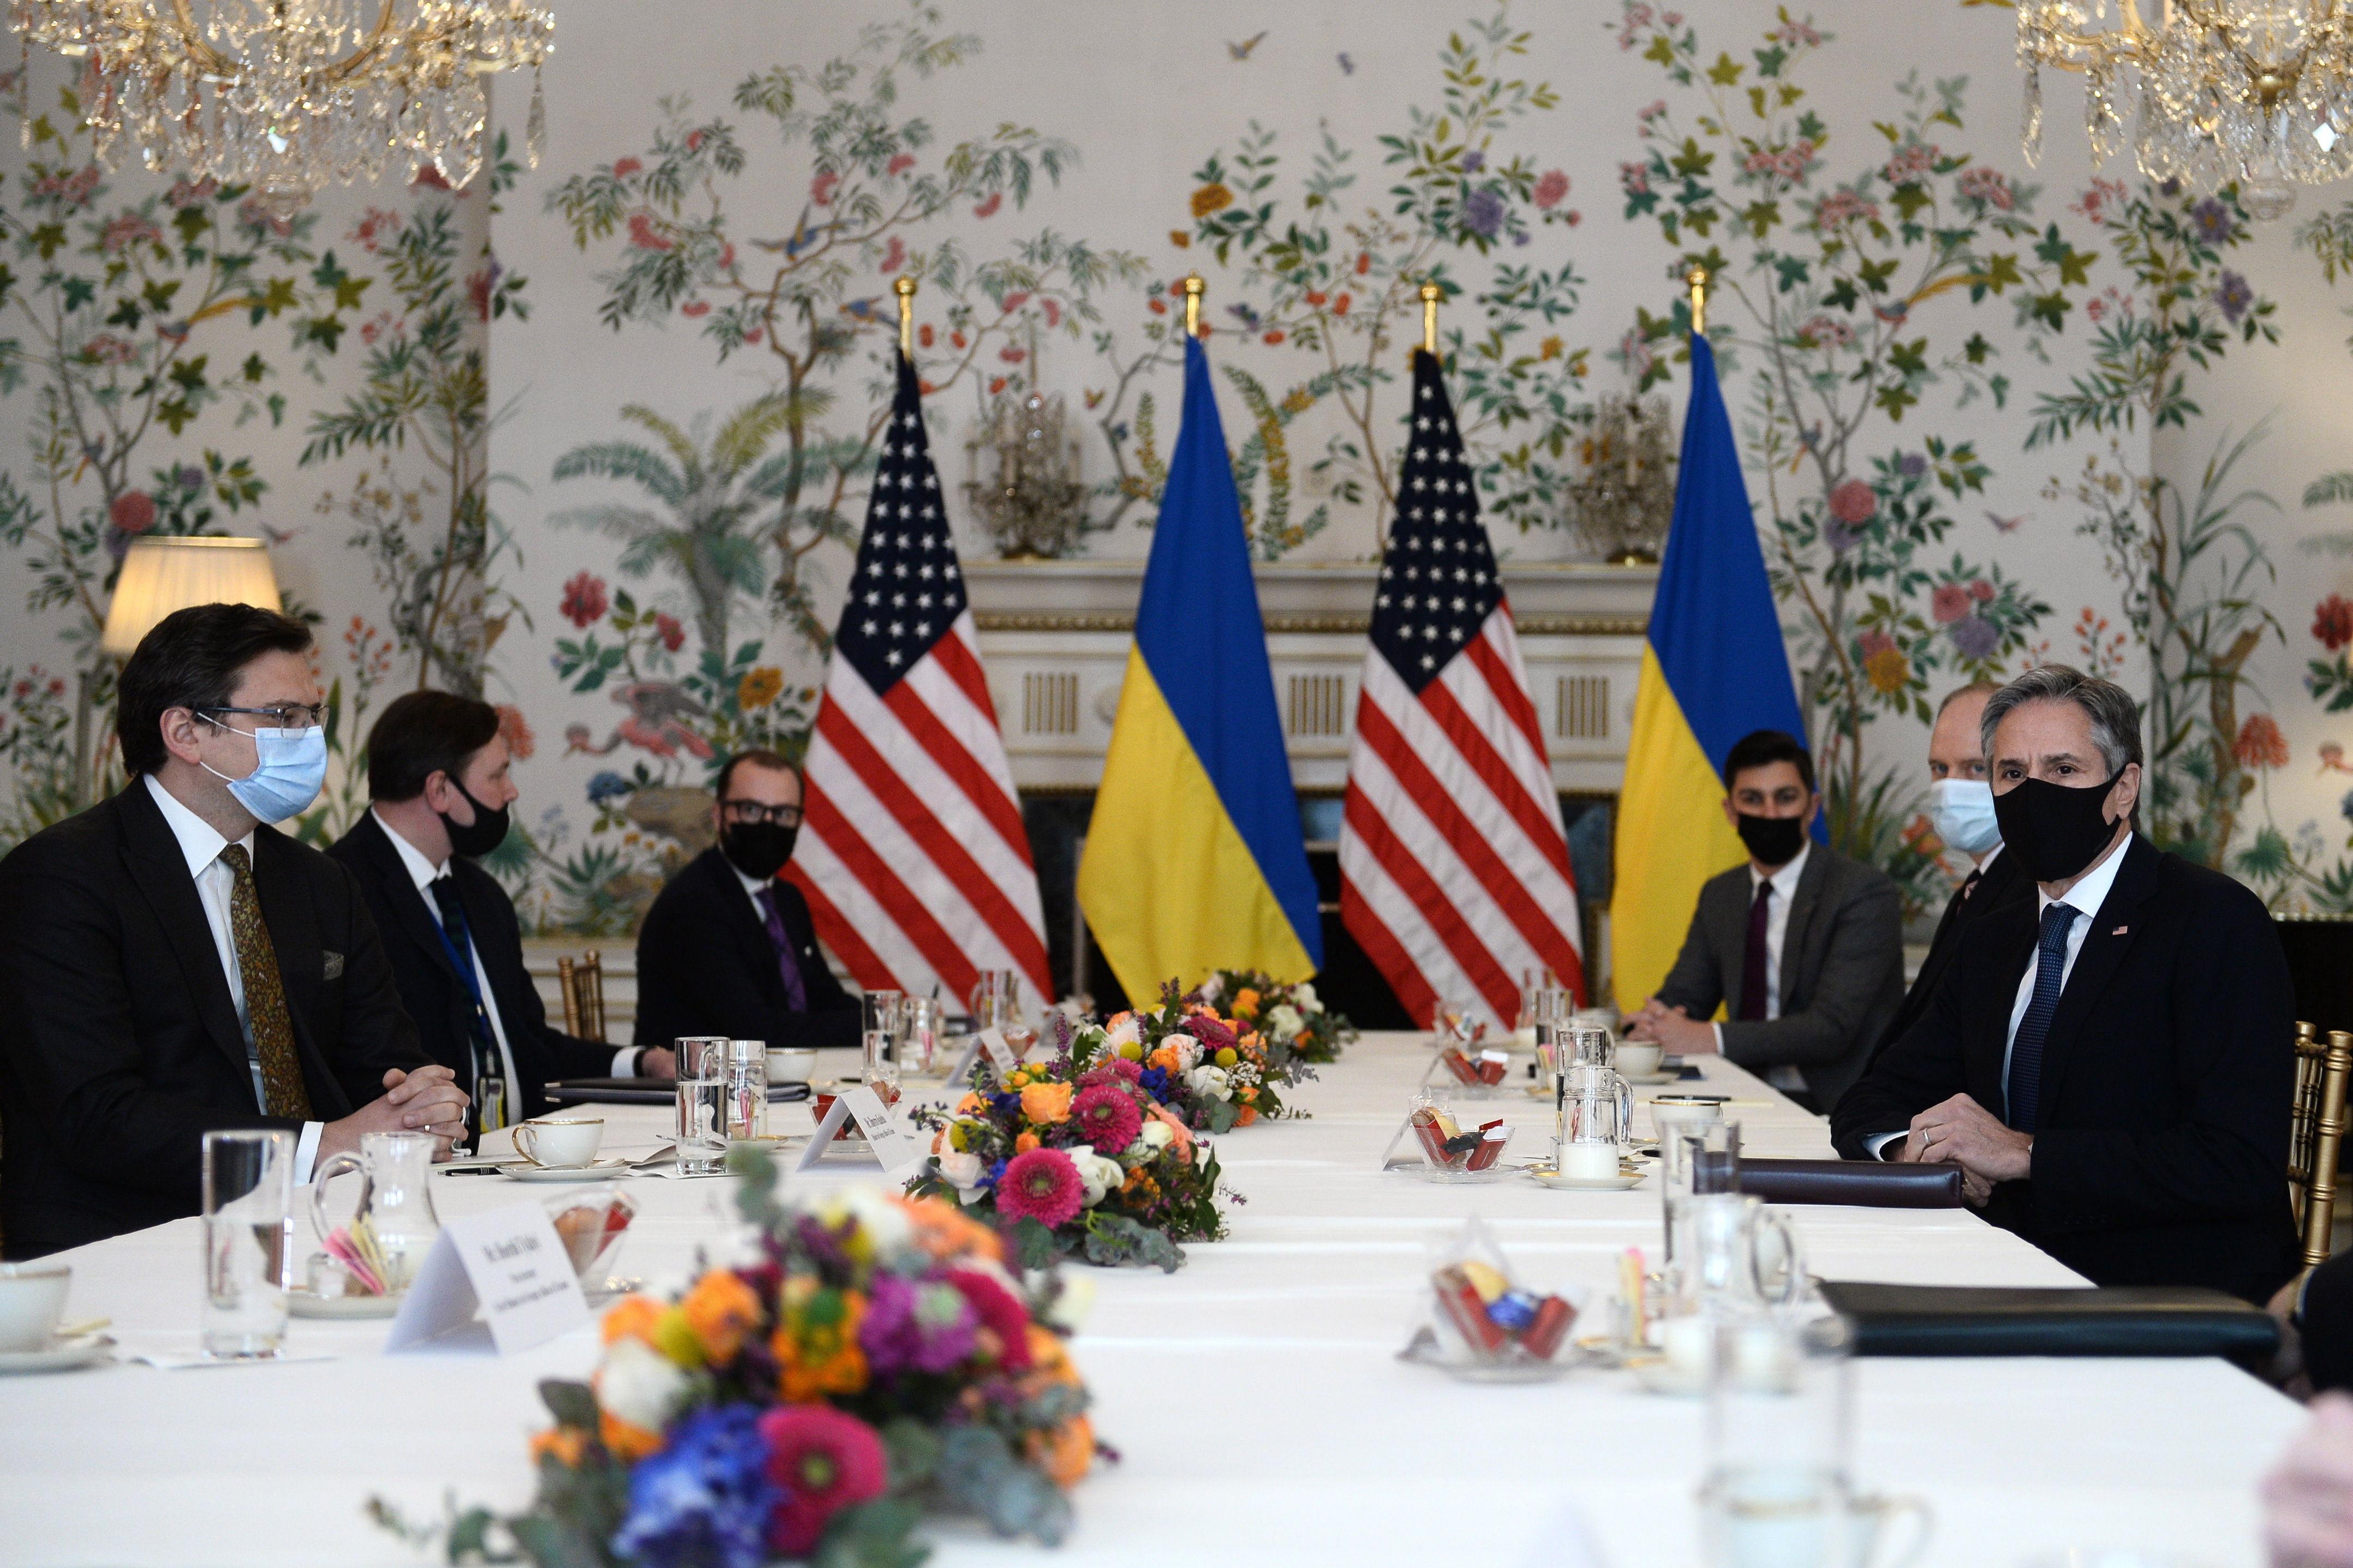 Reunión entre Antony Blinken y el Ministro de Exteriores ucraniano, Dmytro Kuleba, este martes.